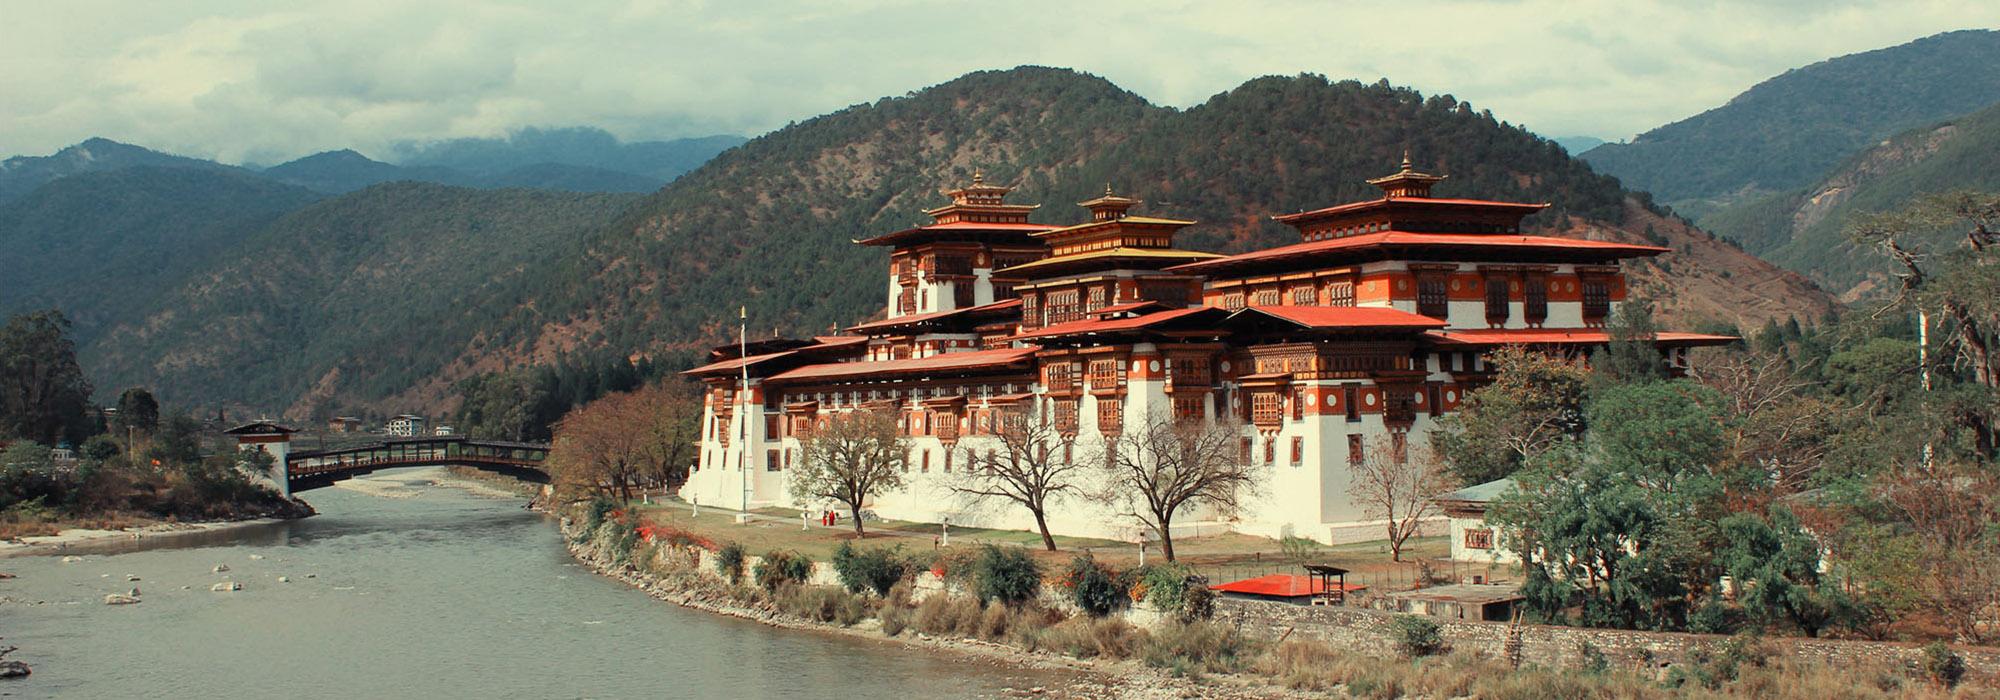 BEST TOURIST ATTRACTIONS IN BHUTAN